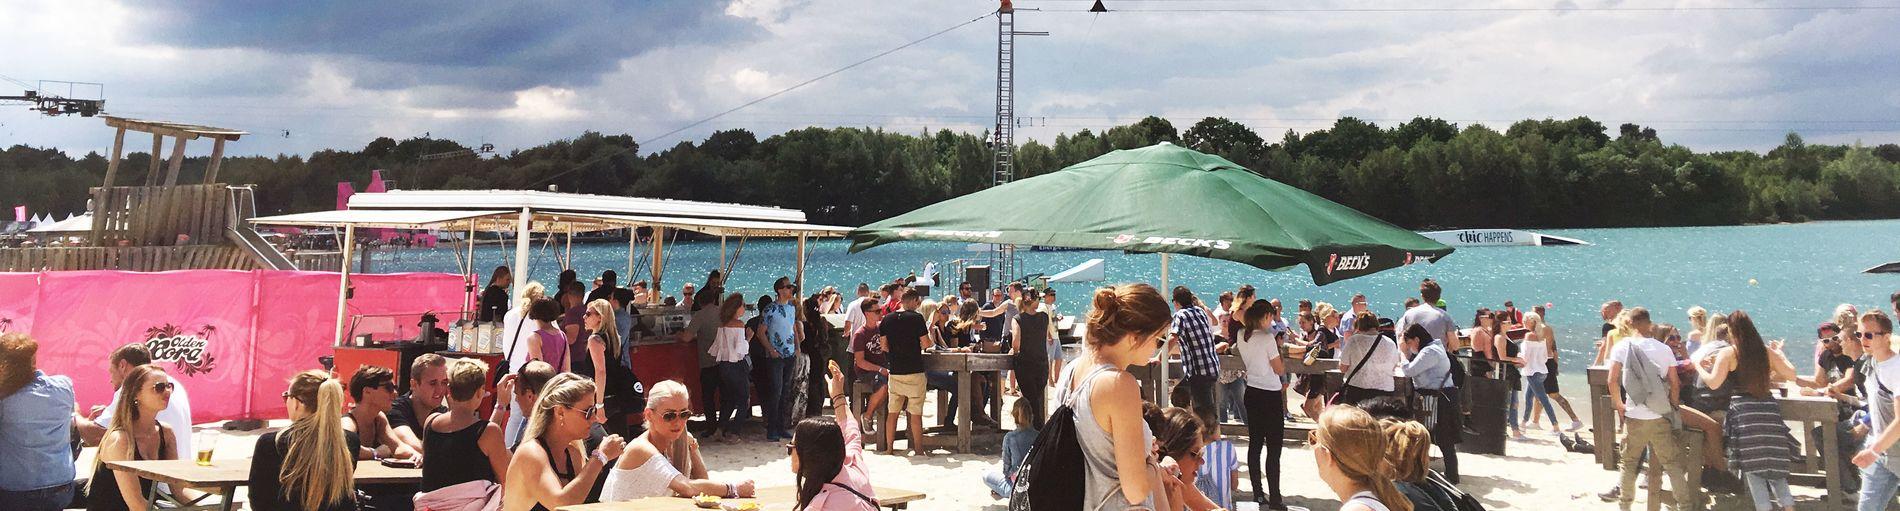 Zahlreiche Menschen sitzen auf Holzbänken an einem See. Der blaue Himmel ist wolkig